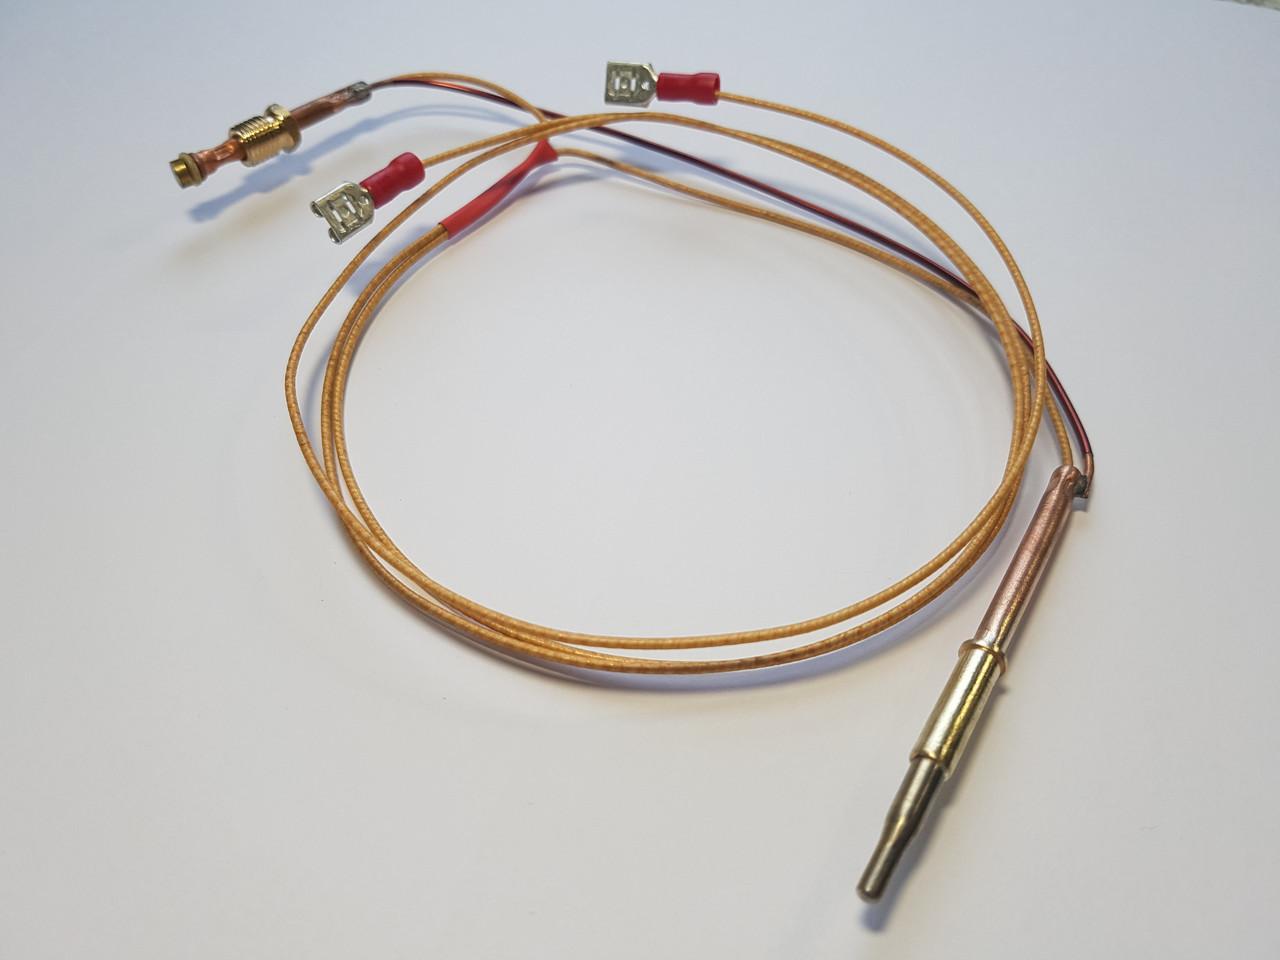 Термопара для колонки Termet G 19-01